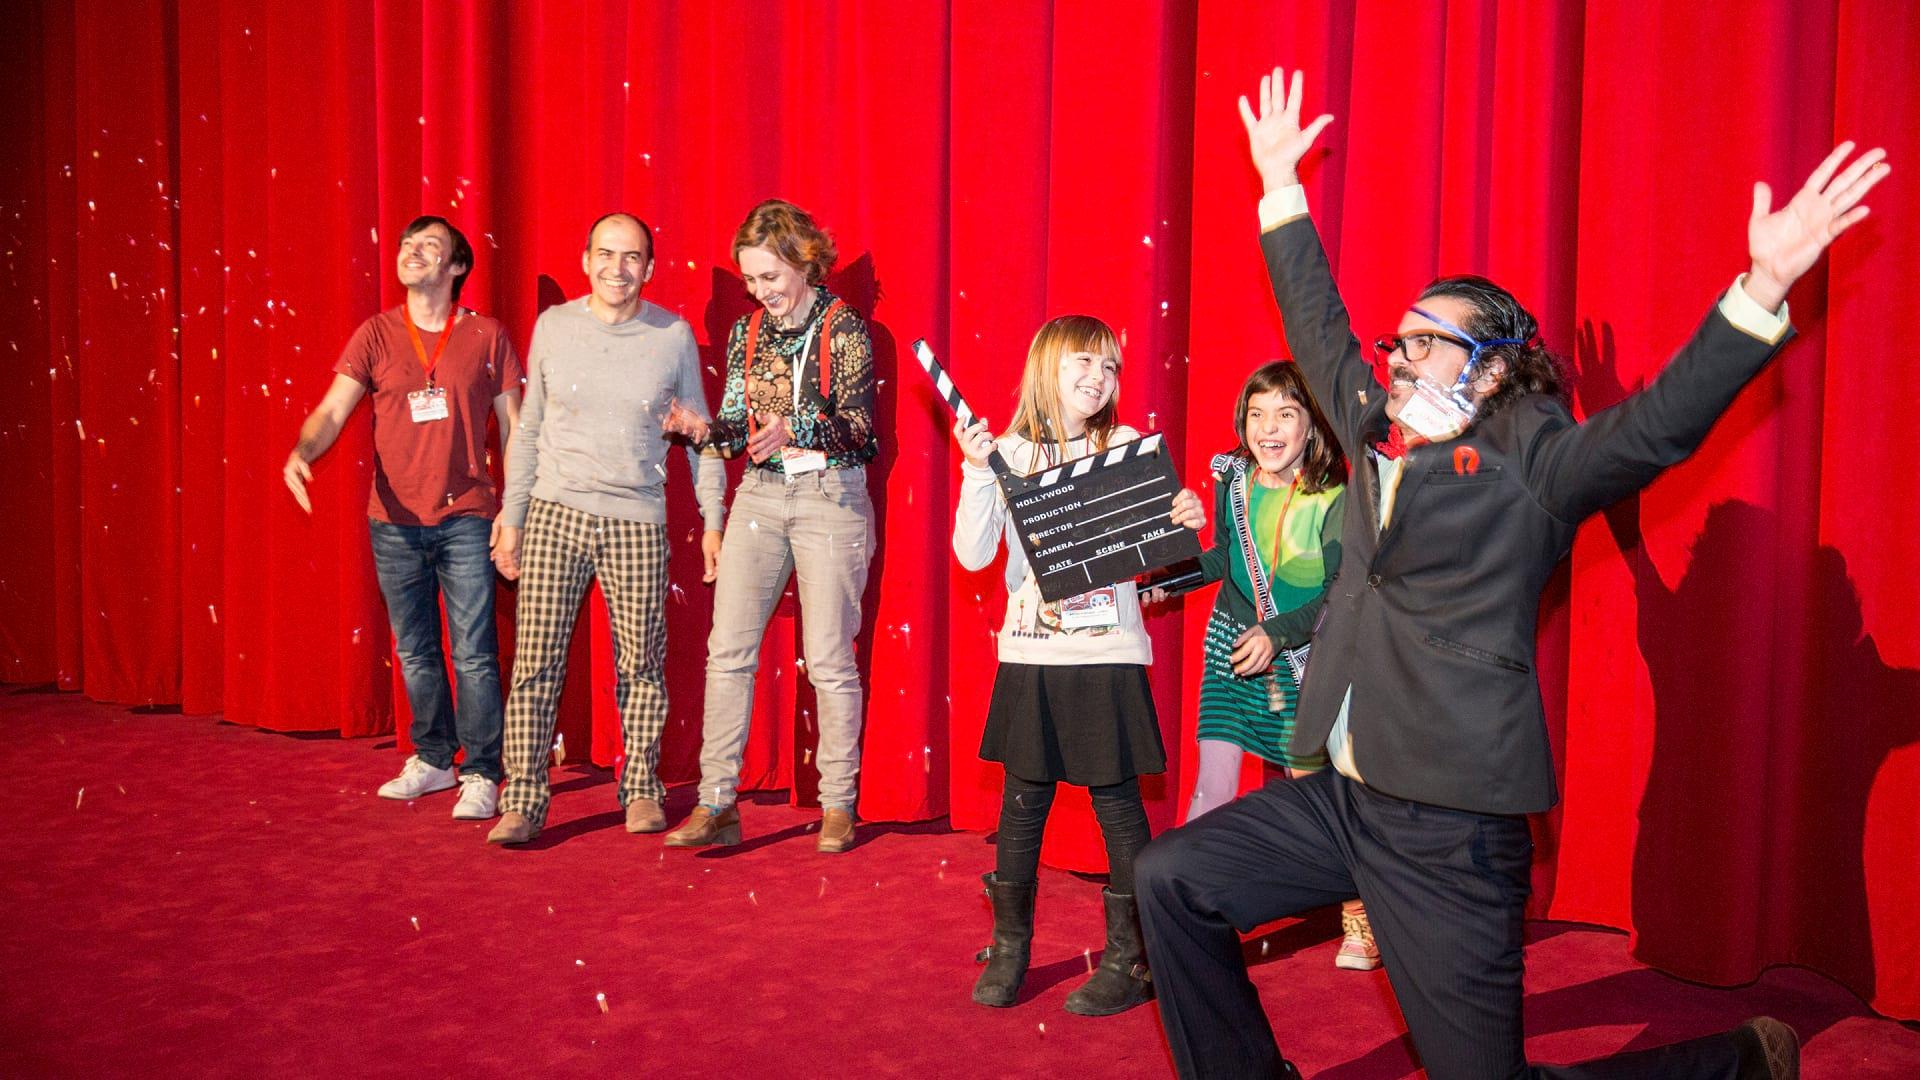 Niños y adultos en el escenario